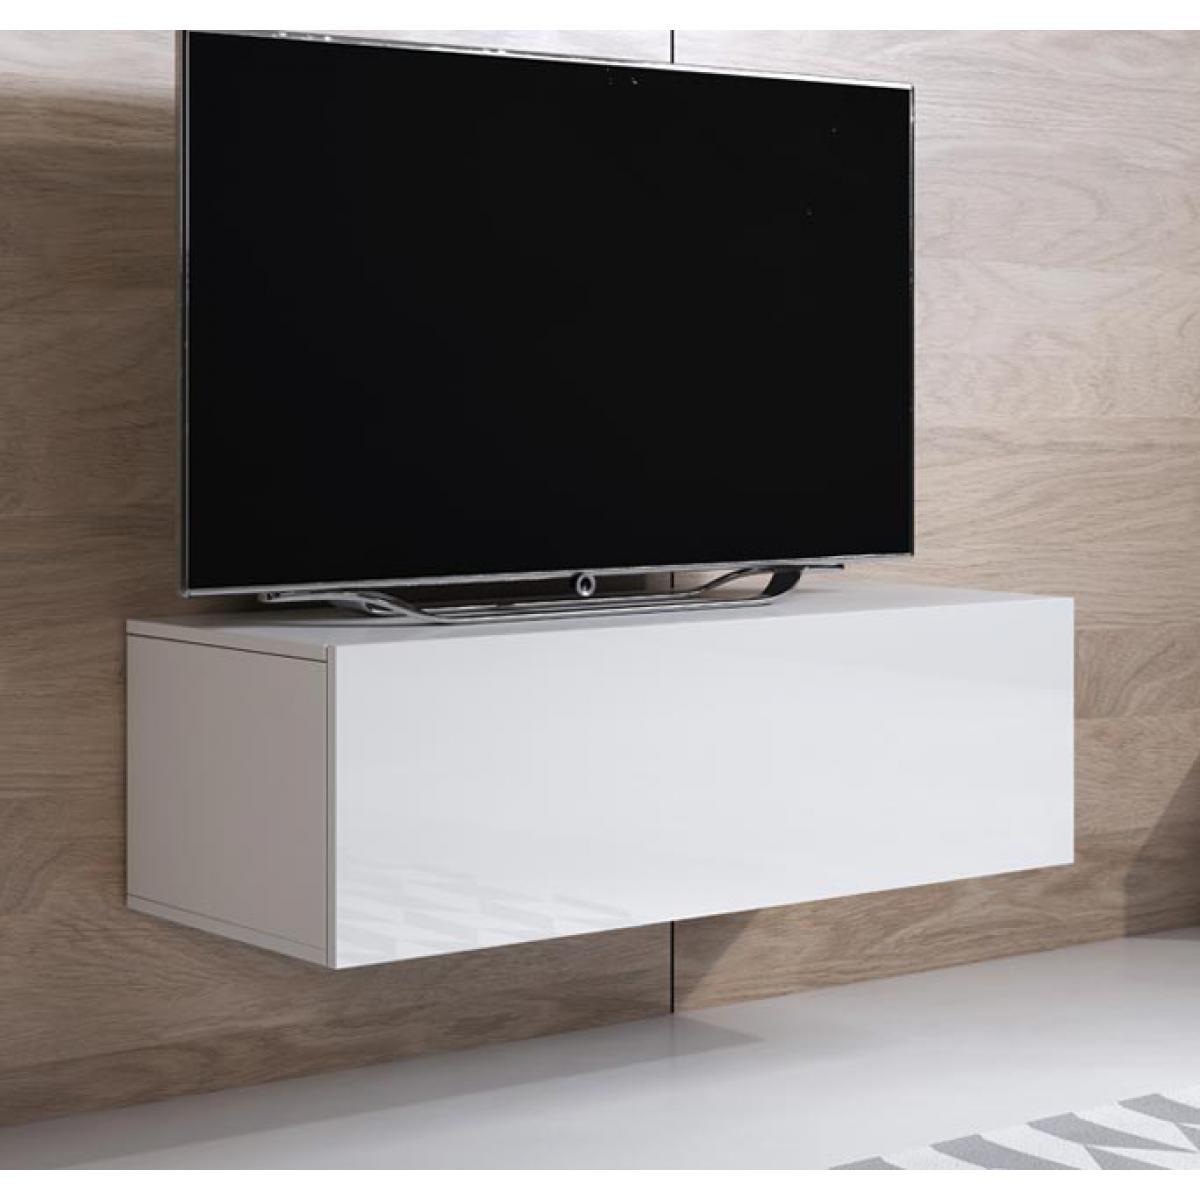 Design Ameublement Meuble TV modèle Luke H1 (100x30cm) couleur blanc